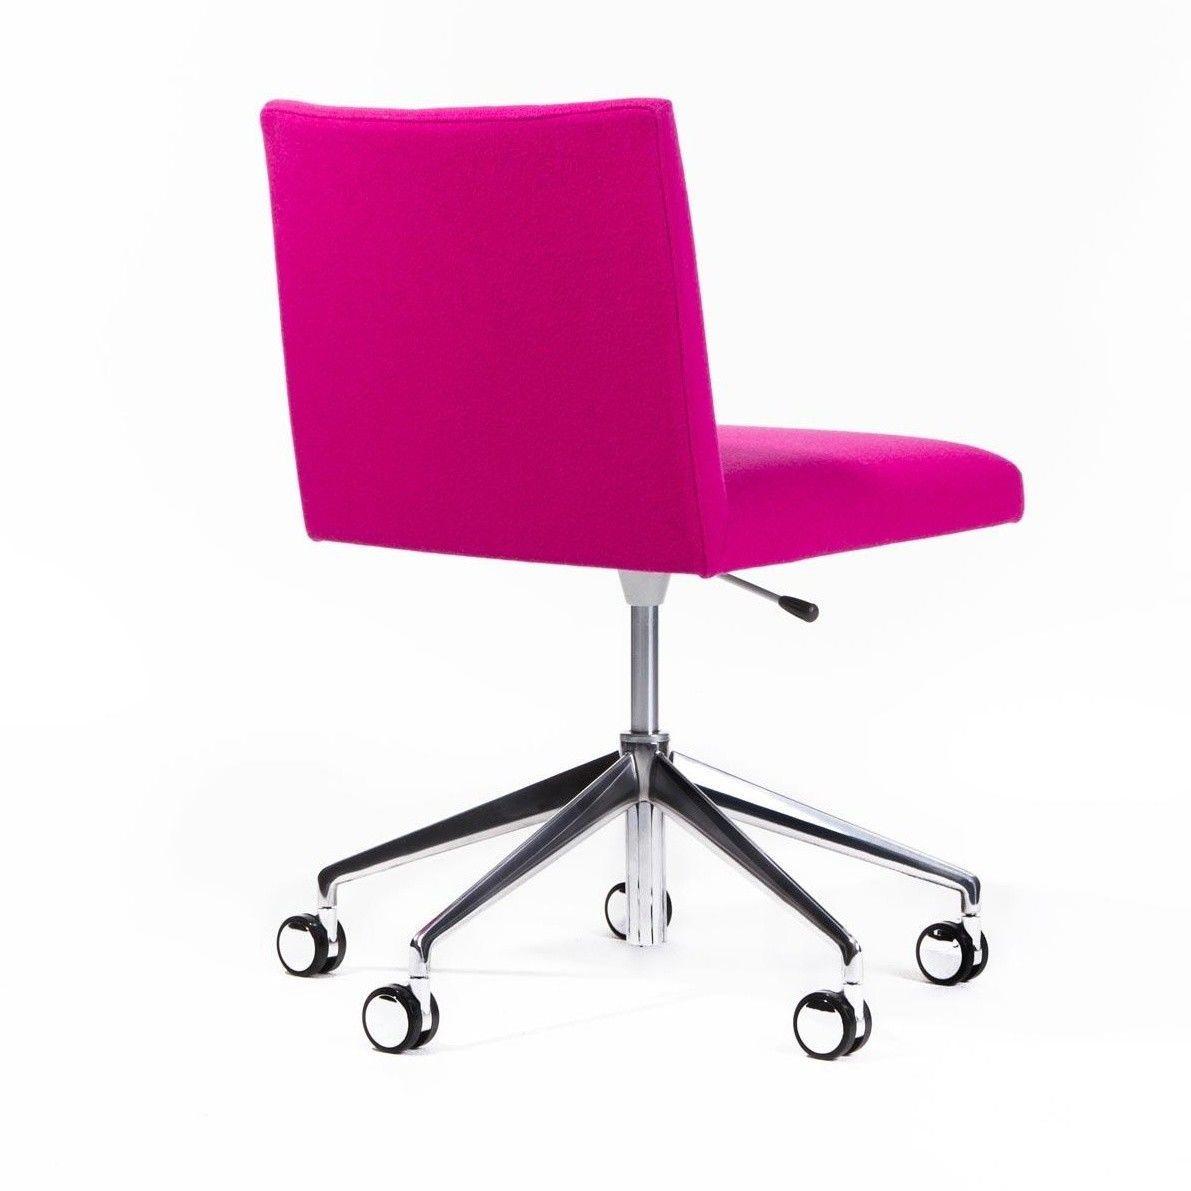 masai chaise pivotante sur roulettes arper lievore. Black Bedroom Furniture Sets. Home Design Ideas